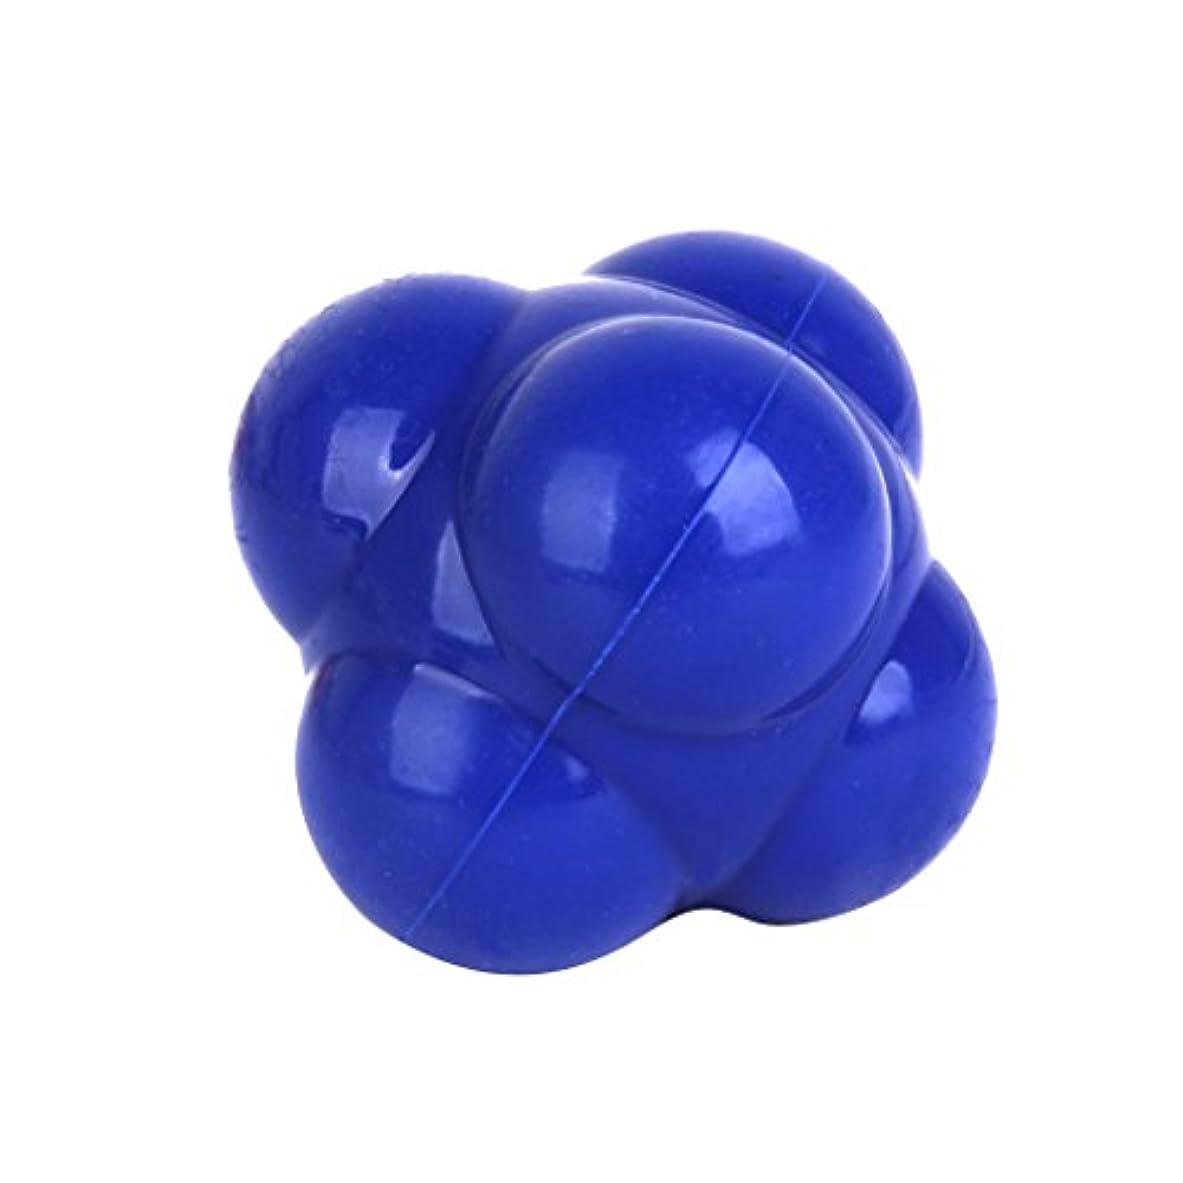 クライアント環境宣言する【ノーブランド品】六角反応ボール 六角マッサージボール 反射運動トレーニング 青